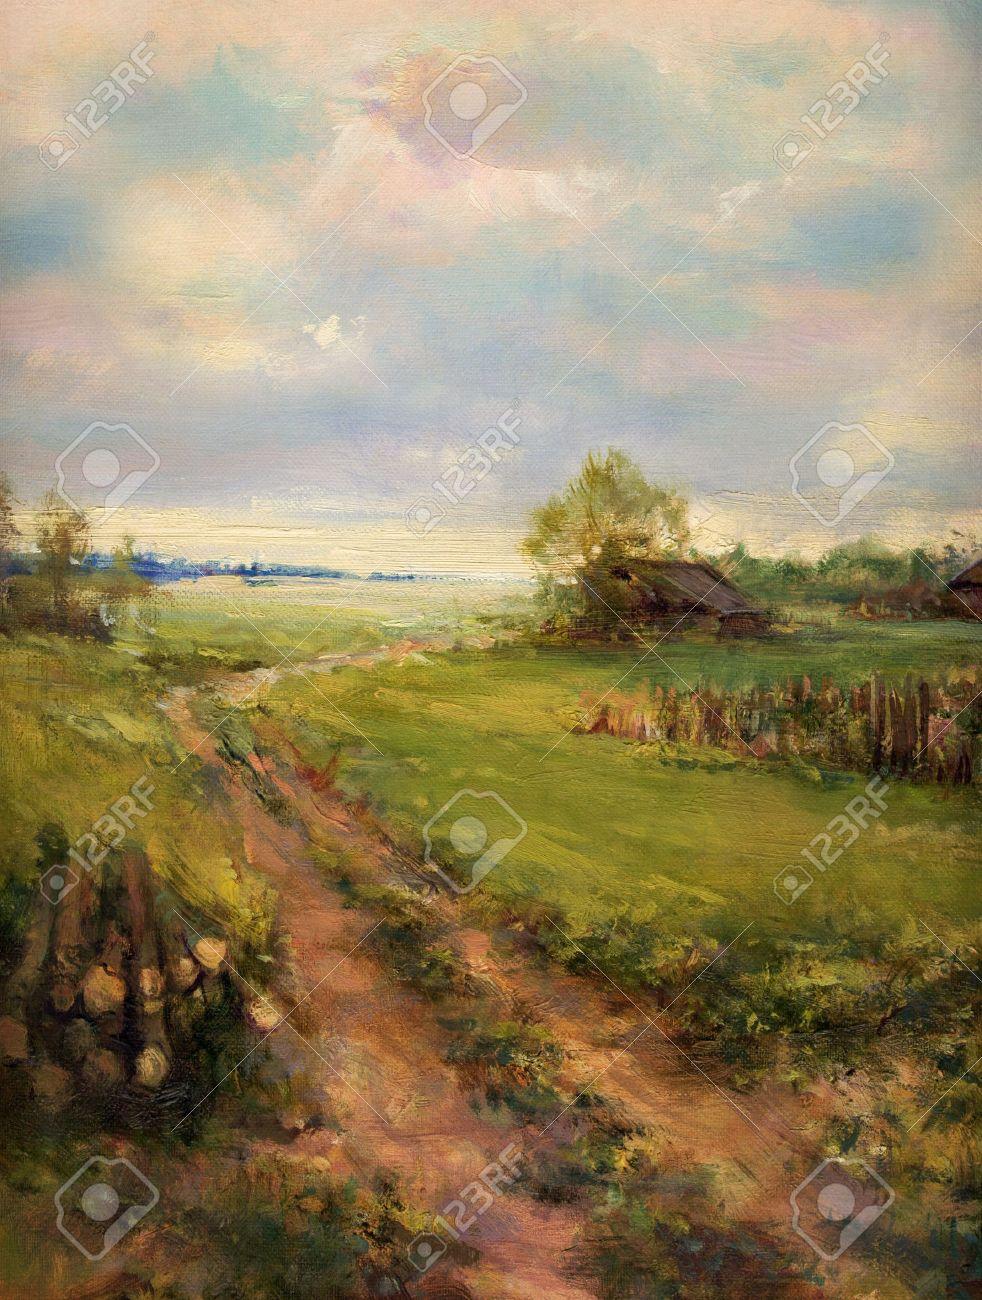 Rurale Retrò Pittura Di Paesaggio Scena - Dipinto Ad Olio Su Tela ...